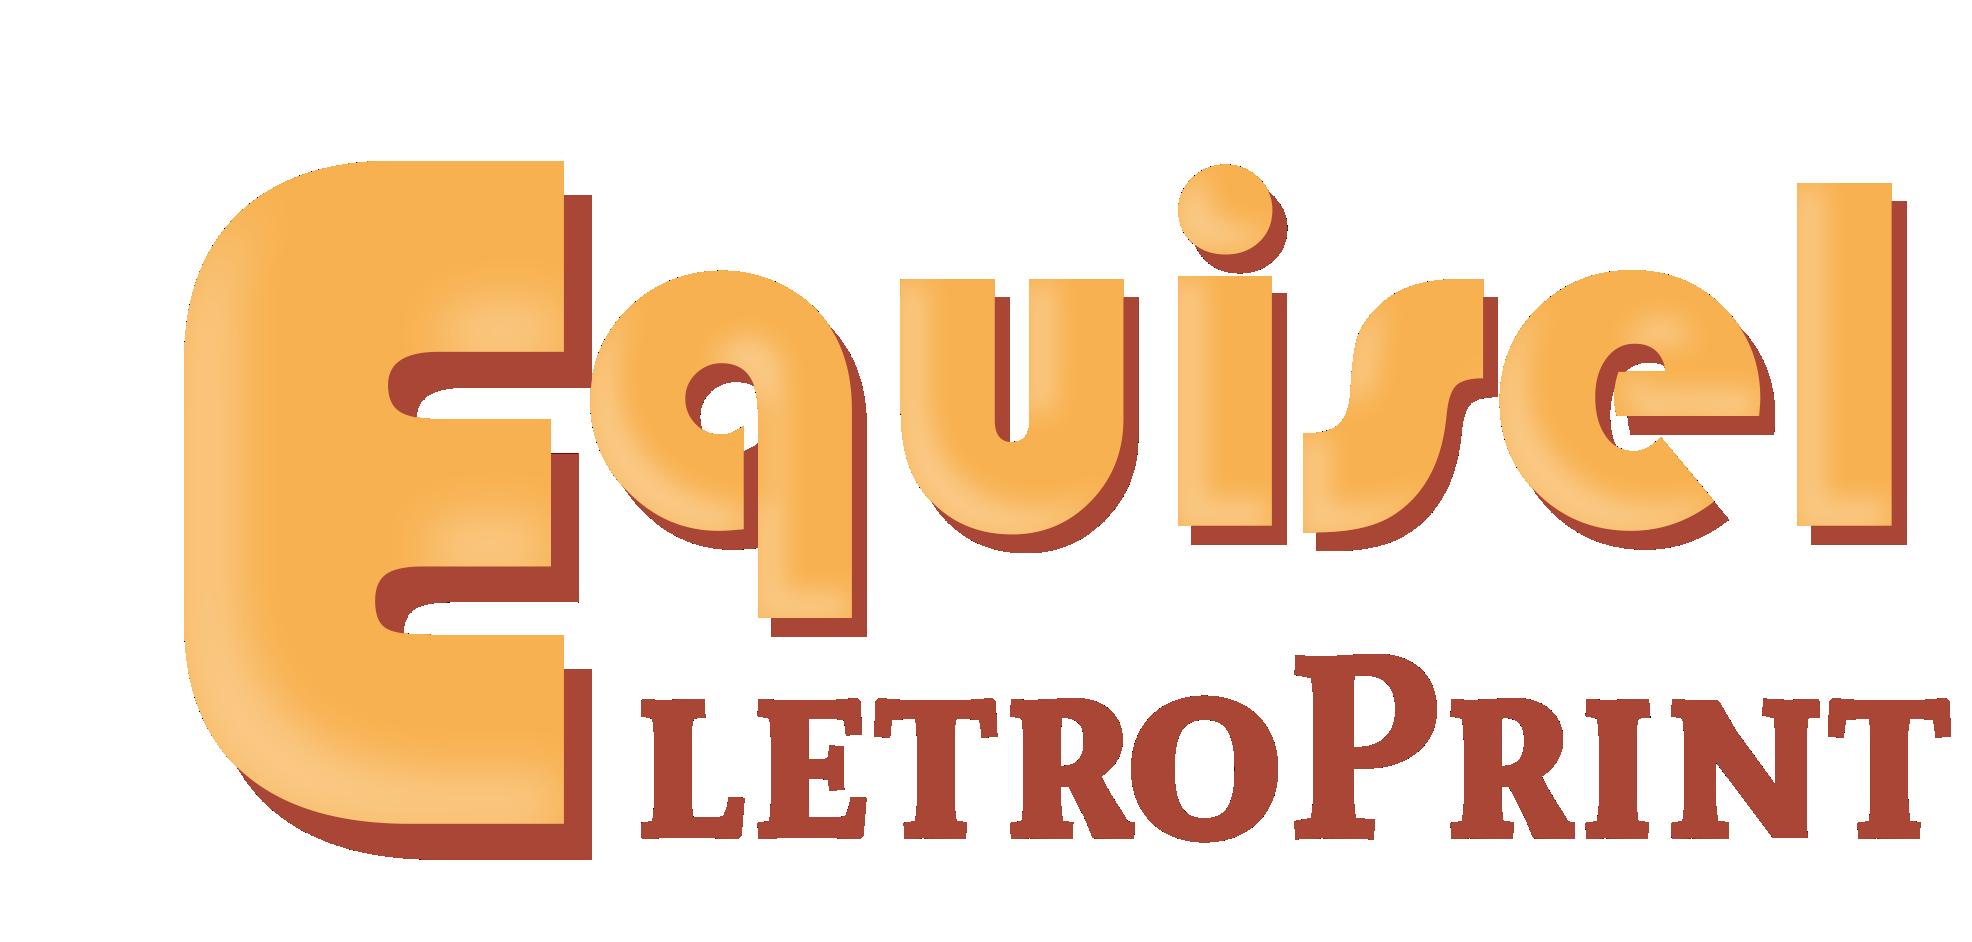 Equisel - EletroPrint